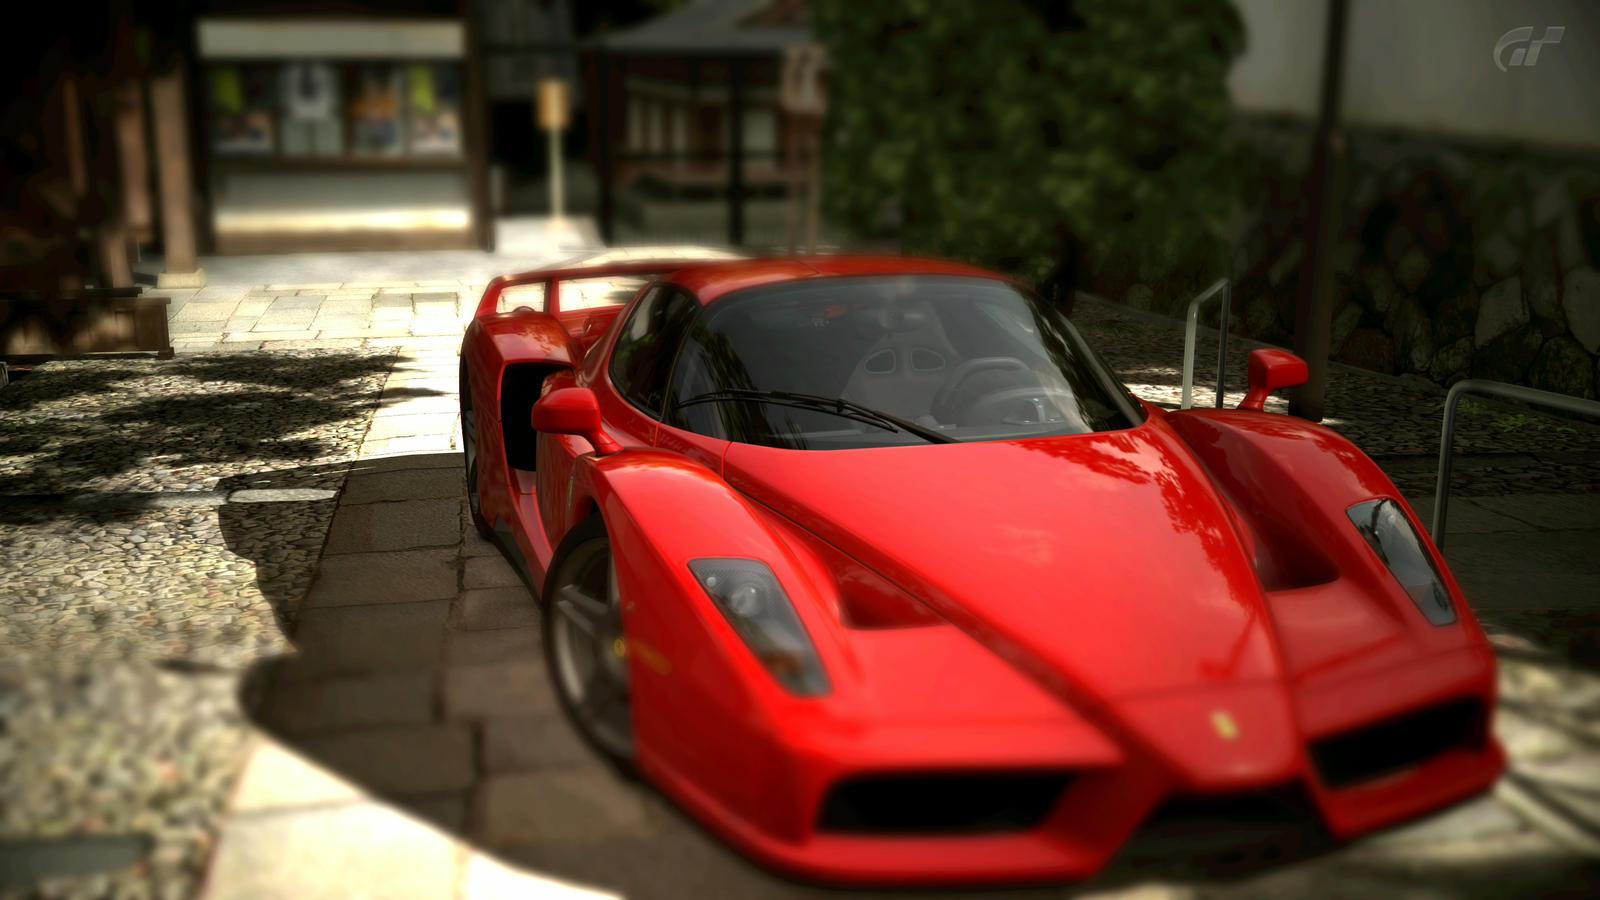 gran turismo 5 ferrari enzo 2 by father12345 - Ferrari Enzo 2010